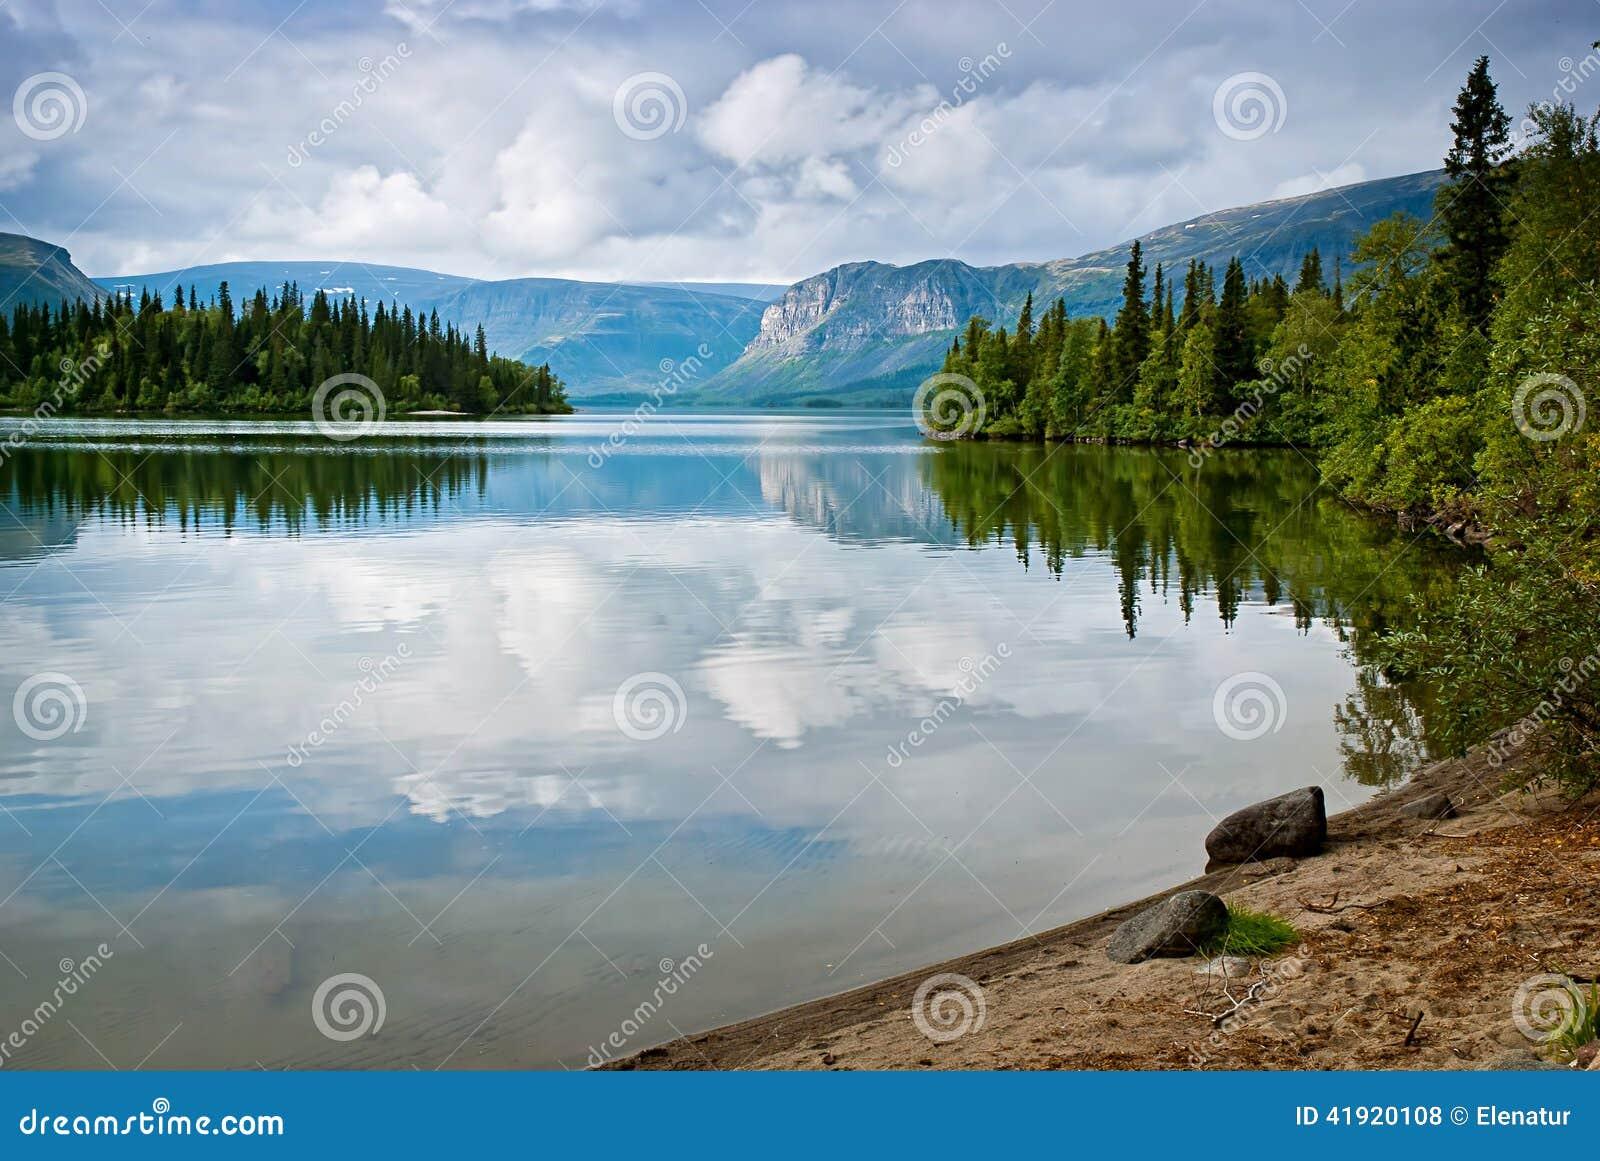 Härligt stillsamt landskap med berg och reflexion av cl